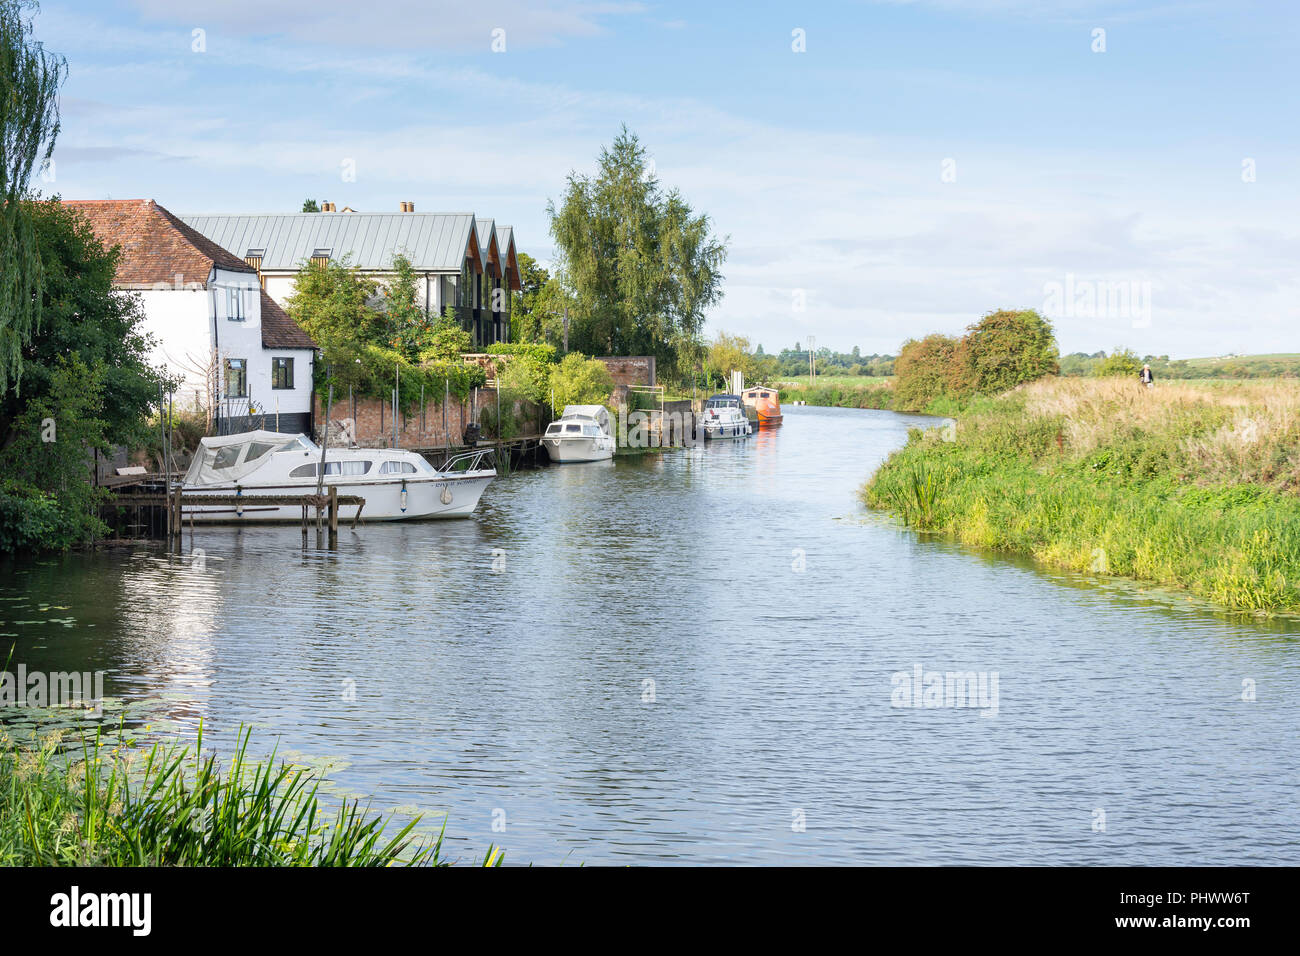 River Avon, Back of Avon, Tewkesbury, Gloucestershire, England, United Kingdom - Stock Image